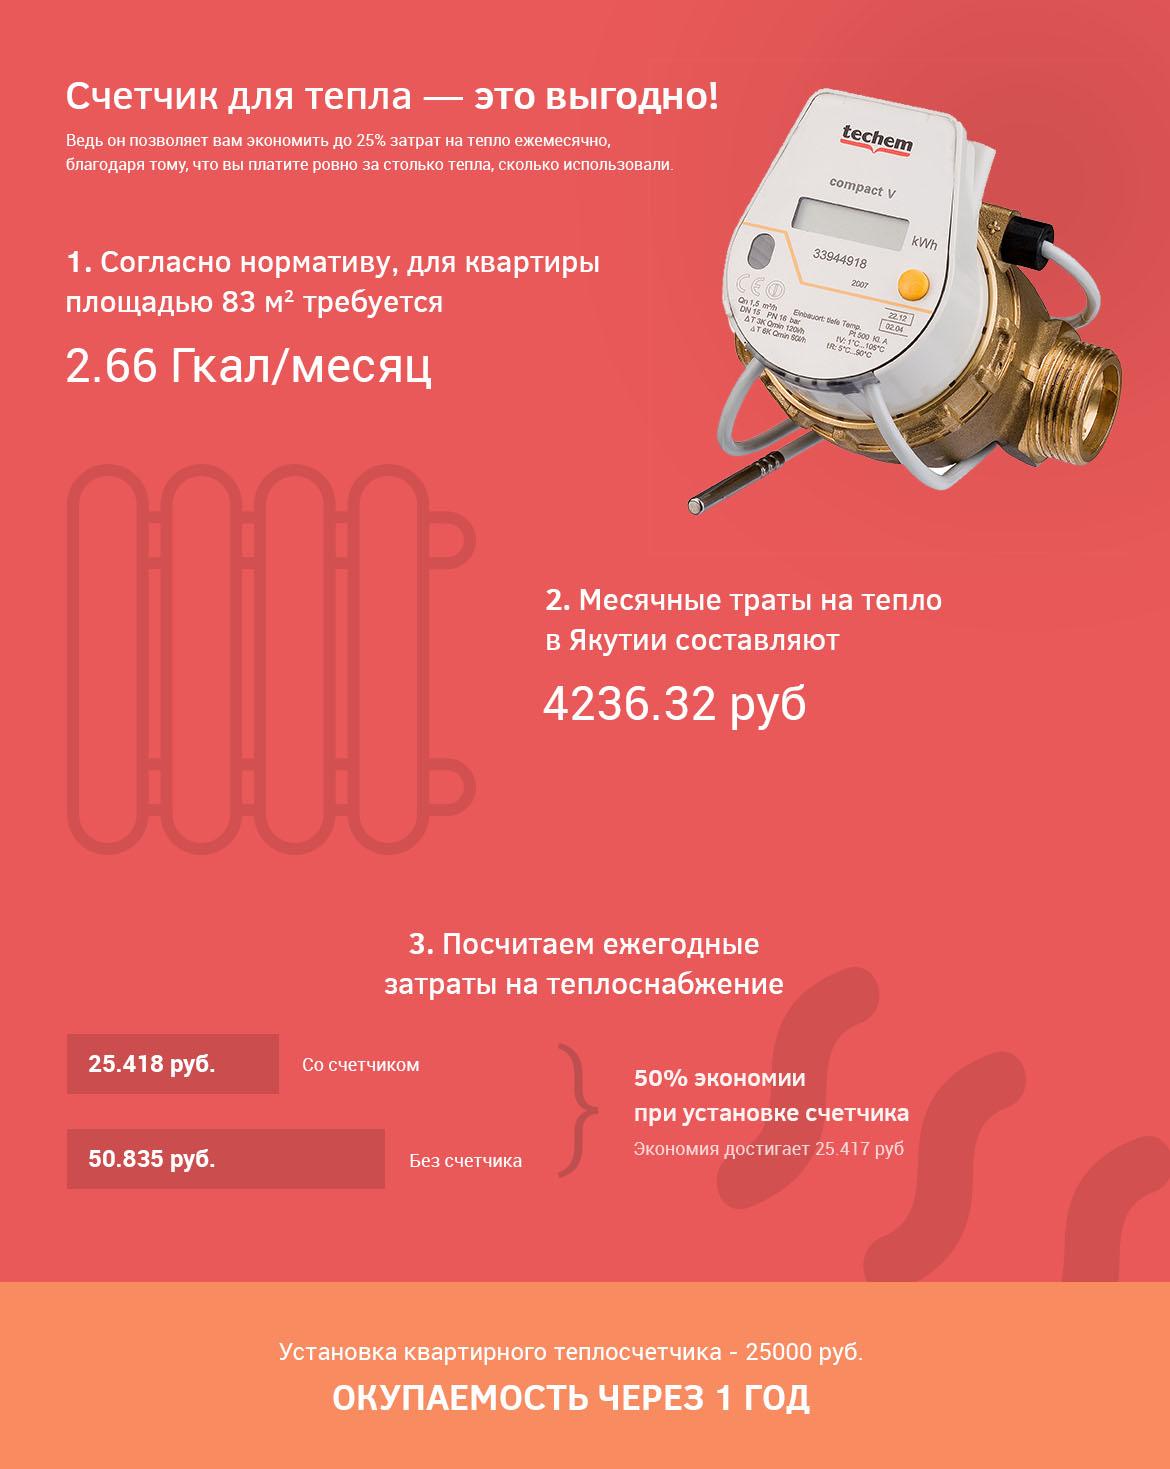 infographic_3_1